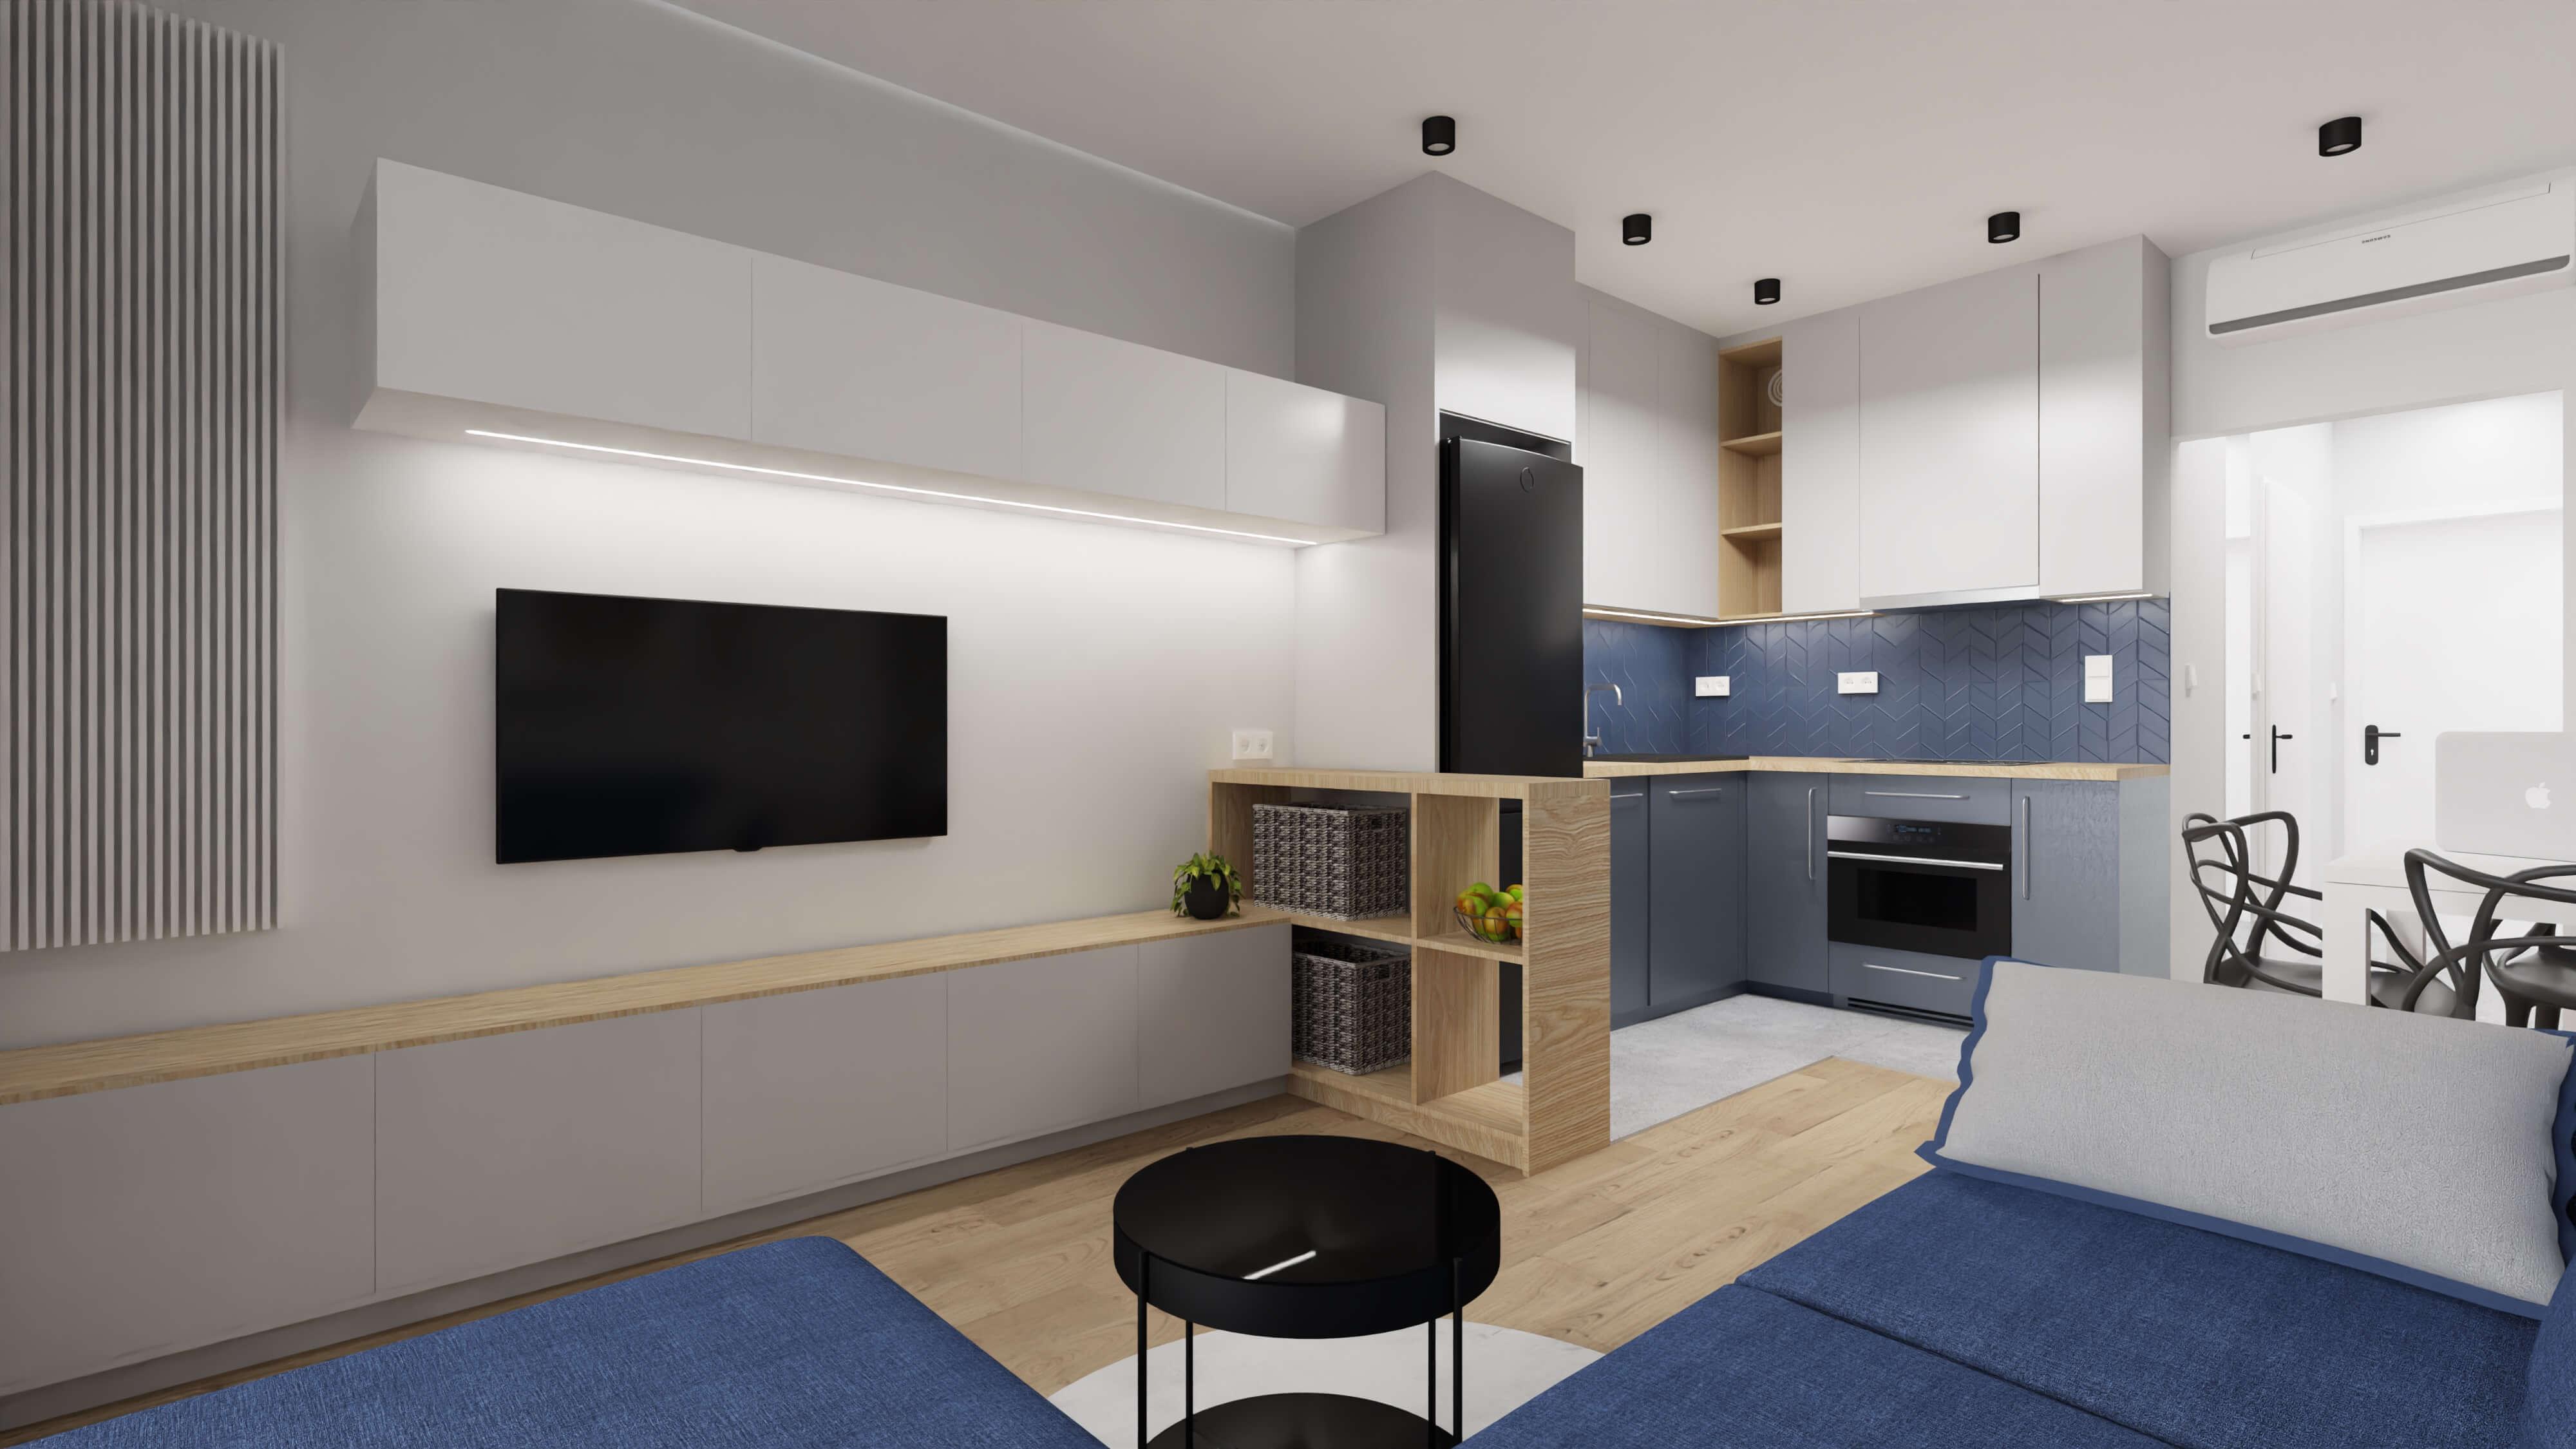 projekt wnętrza mieszkania na wynajem - granatowy salon z kuchnią